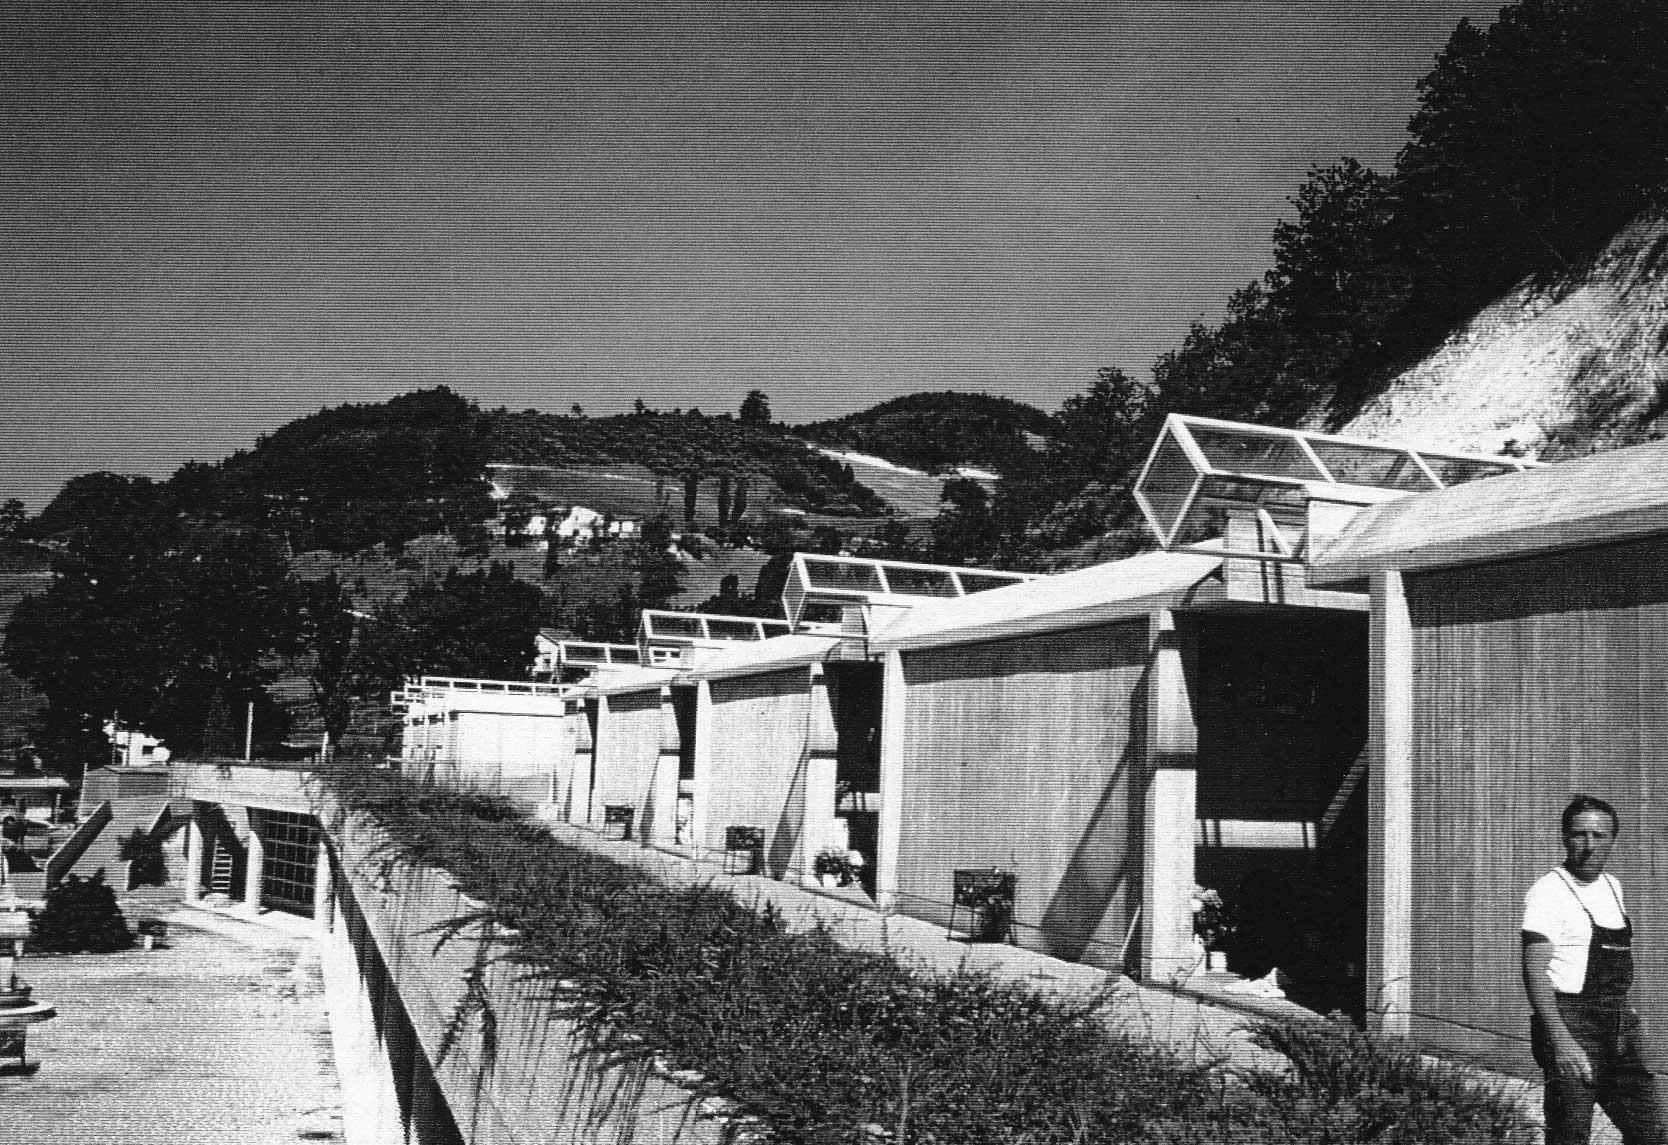 15 - Ampliamento del cimitero comunale di Fermignano (PU) - Vista esterna